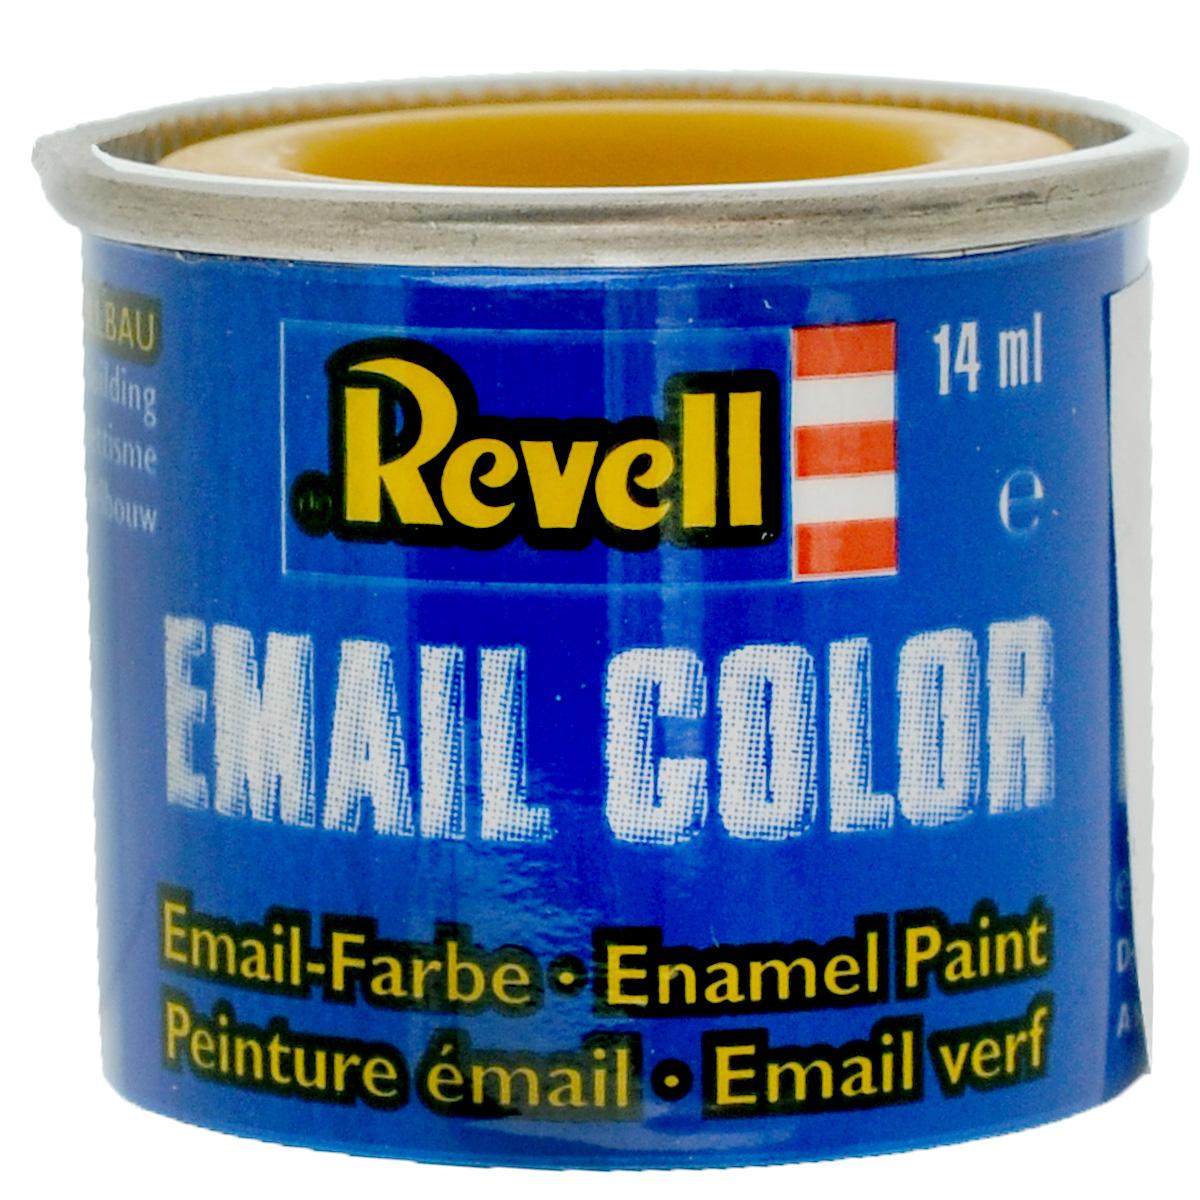 """Матовая краска """"Revell"""" желтого цвета широко используется для окраски сборных моделей машин, кораблей и самолетов. После полного высыхания базового покрытия можно наносить узор с помощью других цветных красок. Краска упакована в металлическую баночку, плотно закрывающуюся крышкой, что позволяет избежать высыхания краски. Объем краски: 14 мл."""